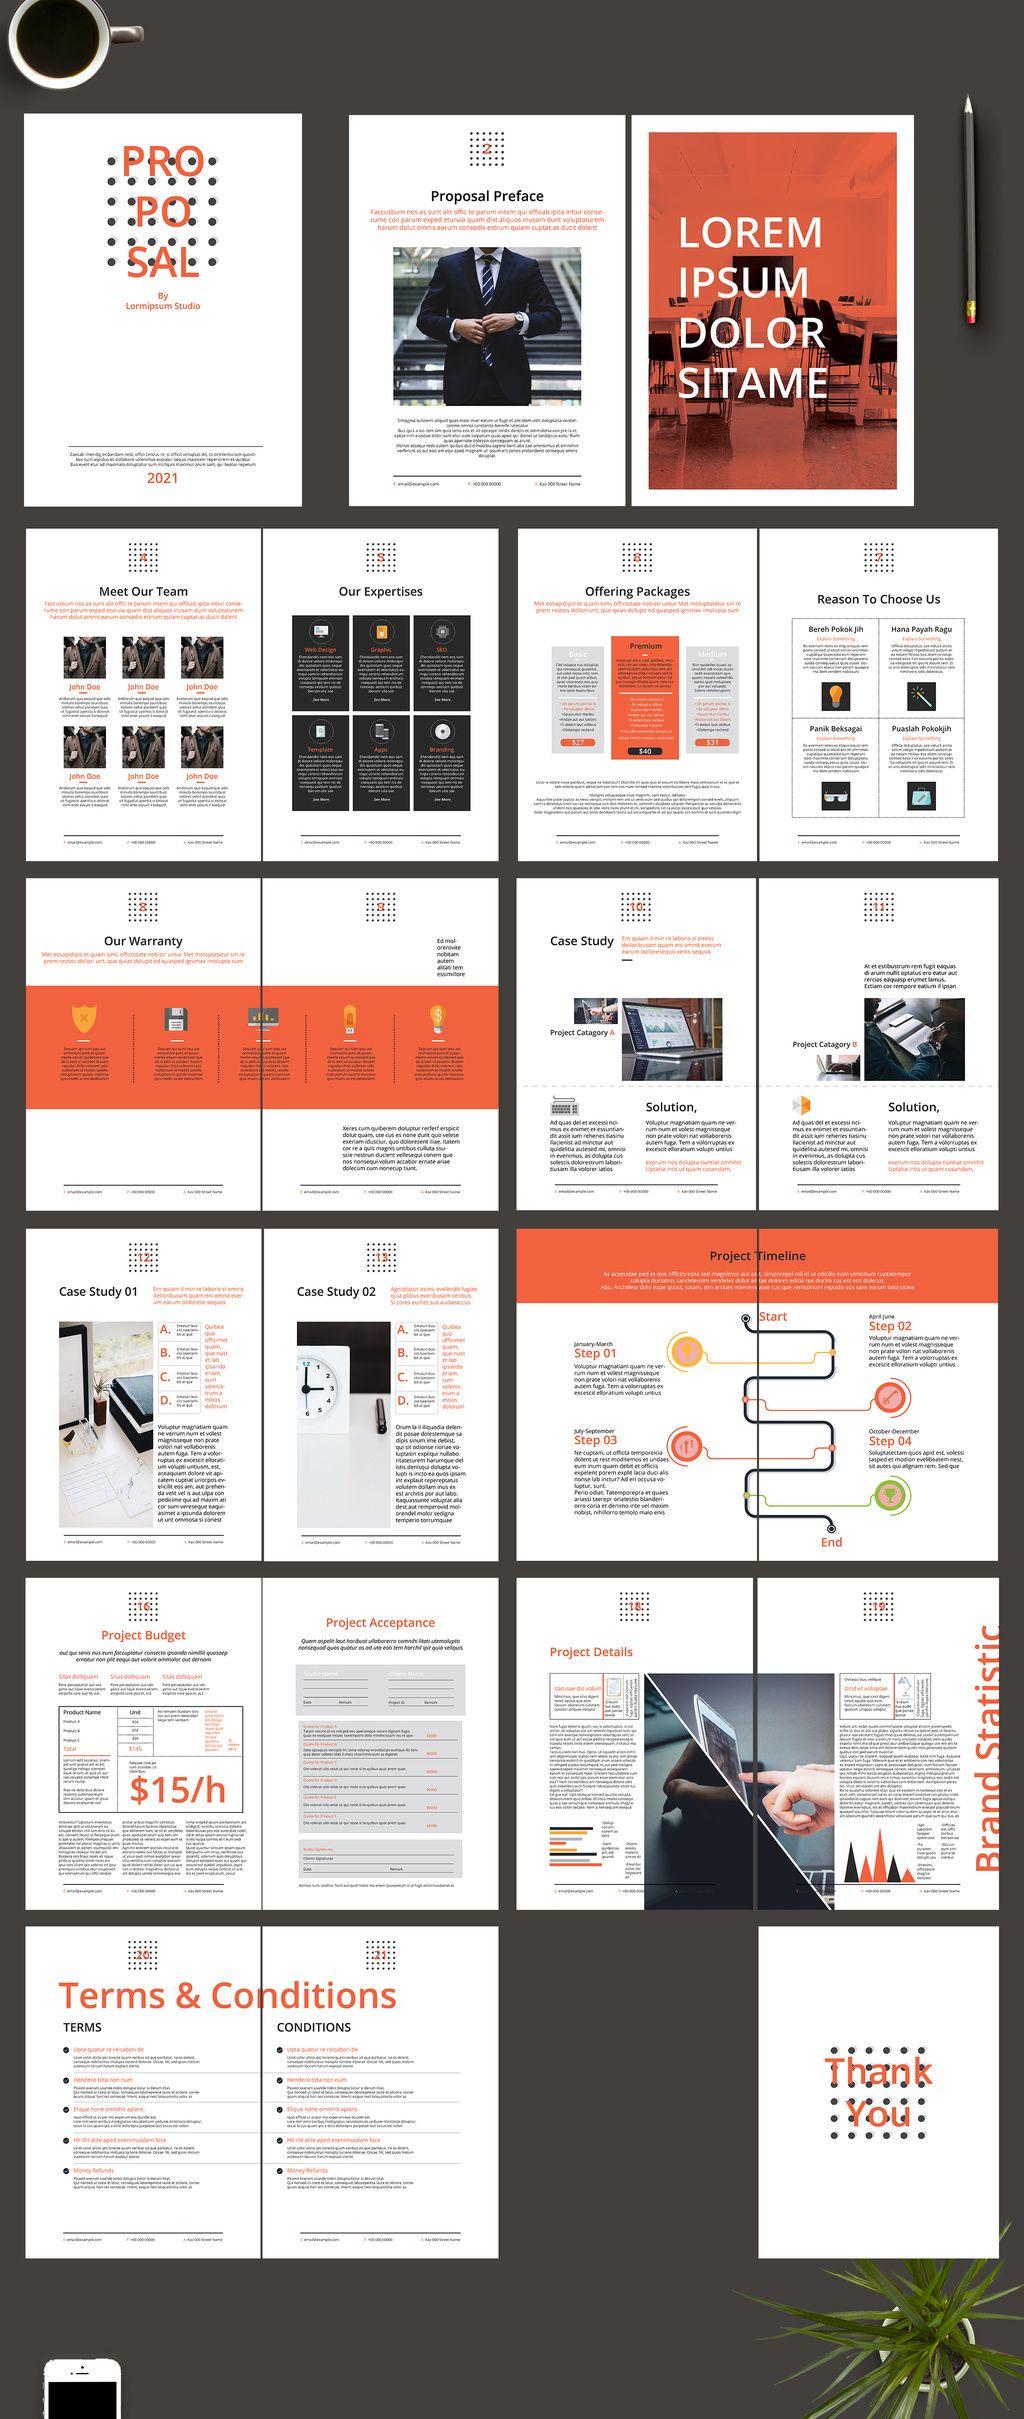 Business Plan Proposal Layout With Red Accents Kaufen Sie Diese Vorlage Und Finden Sie Ahnliche Vorlagen Auf Adobe Businessplan Vorlage Planer Vorlagen Layout